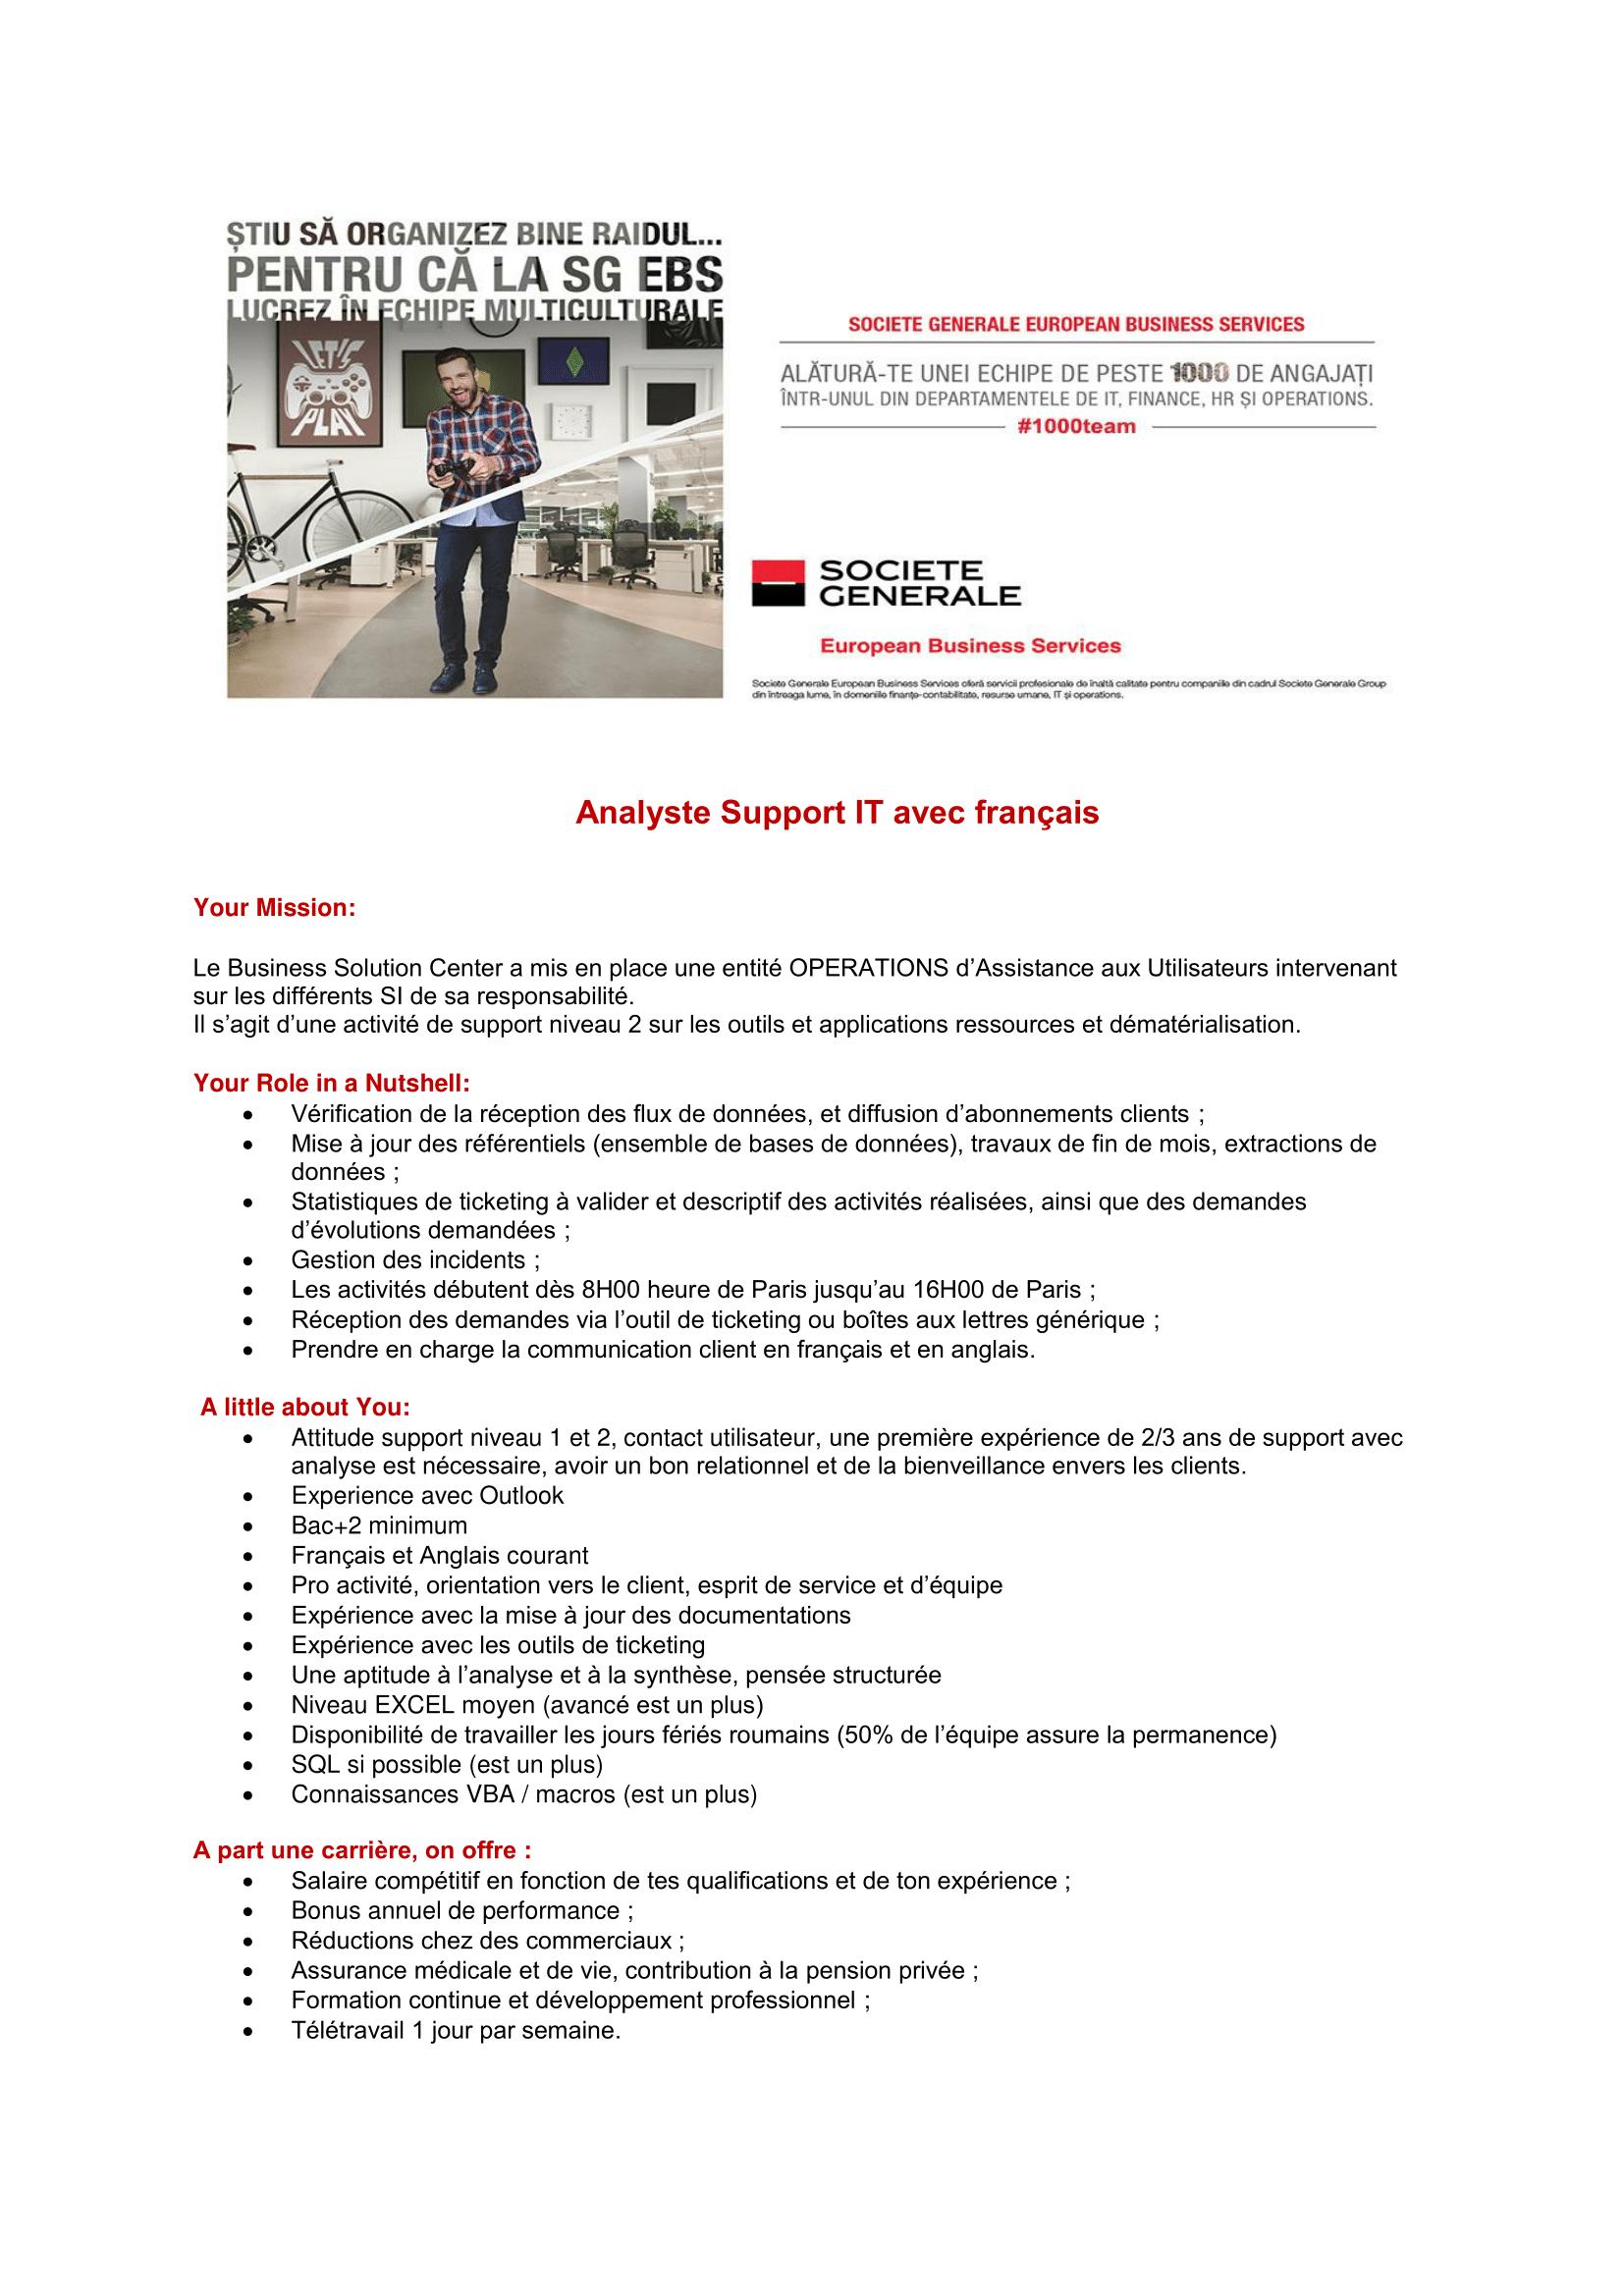 Analyste Support IT avec français - BestJobs-1